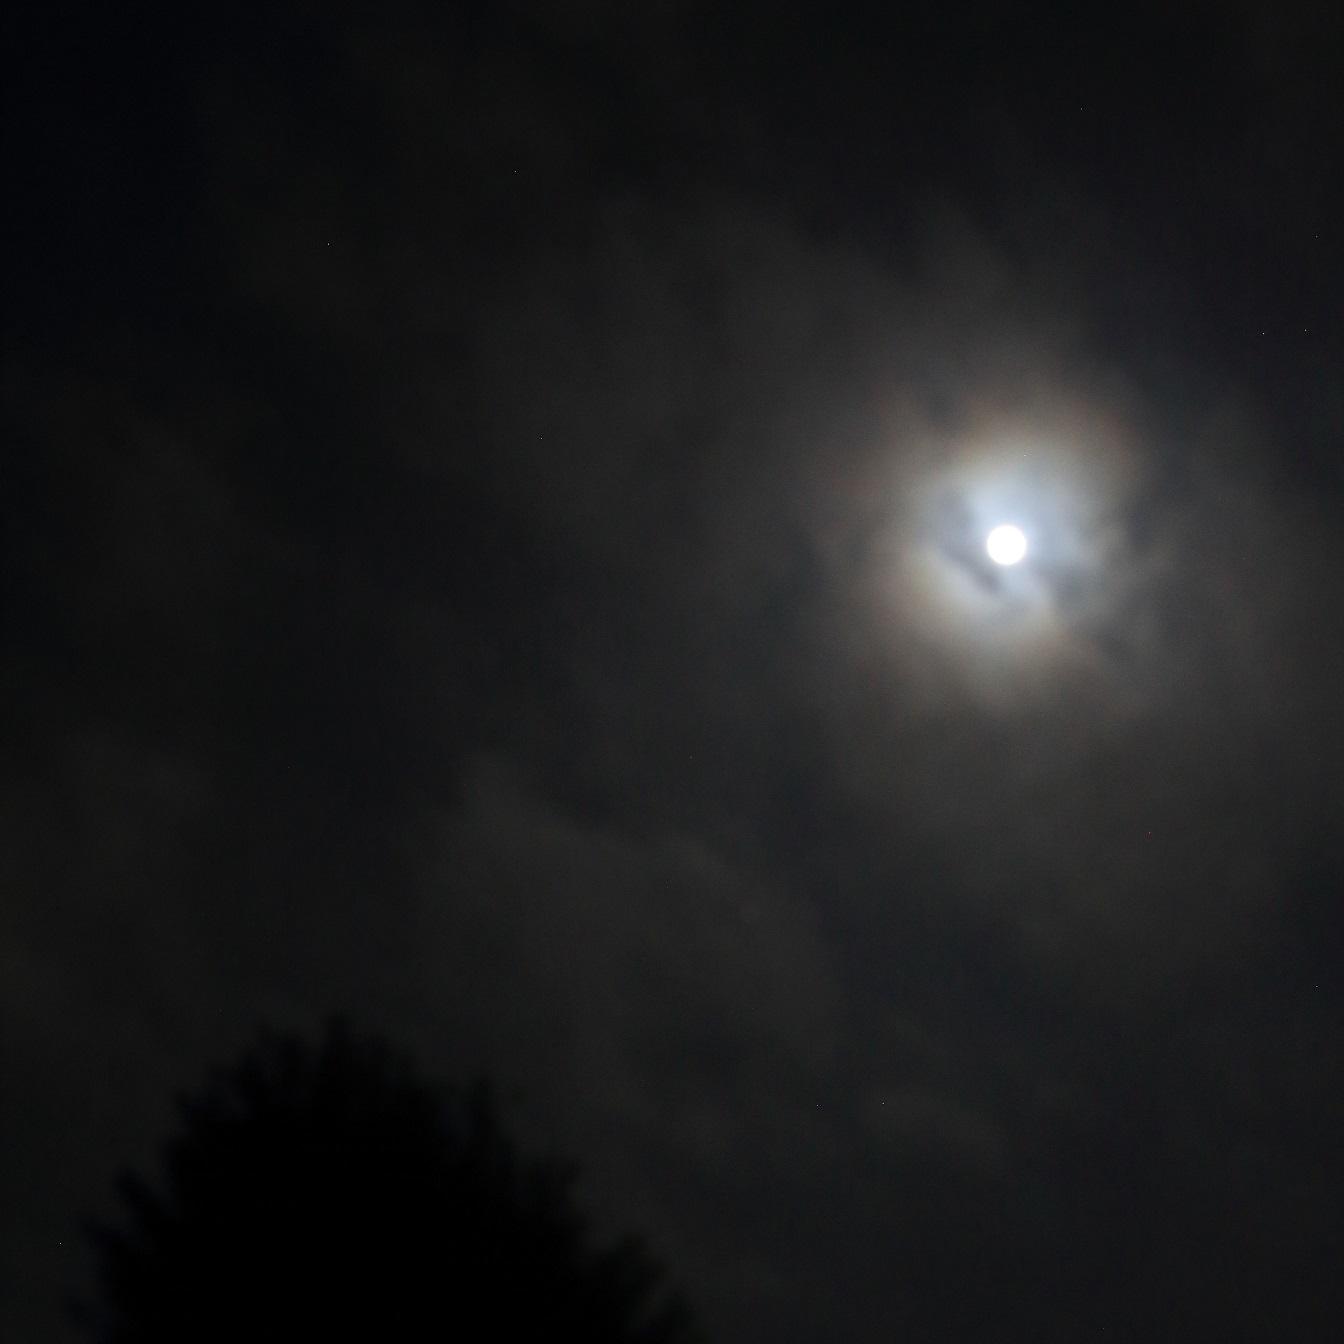 ブログ 2018 4 29 4月最後の十三夜 星月夜に触発されて.jpg